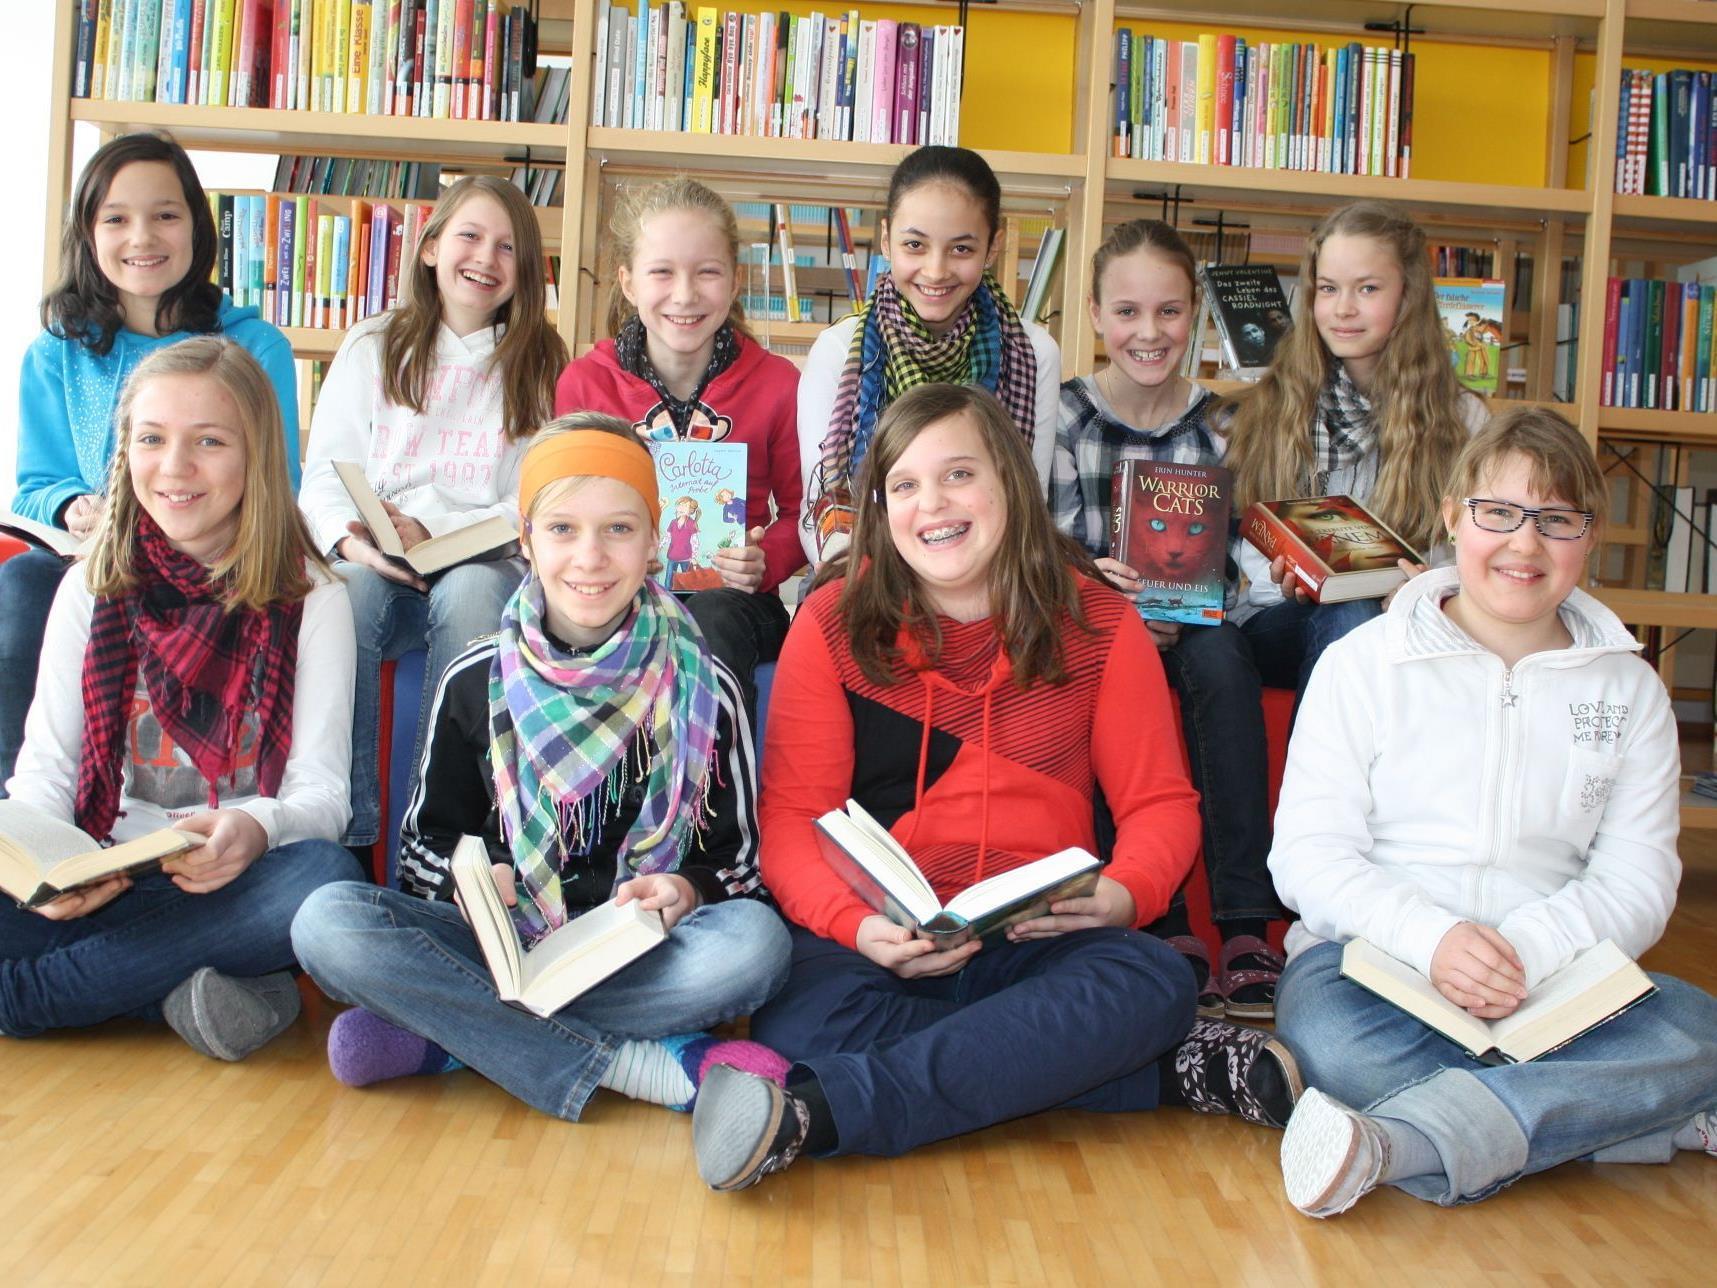 Großen Spaß beim Lesen hatten die Lingenauer Hauptschüler.